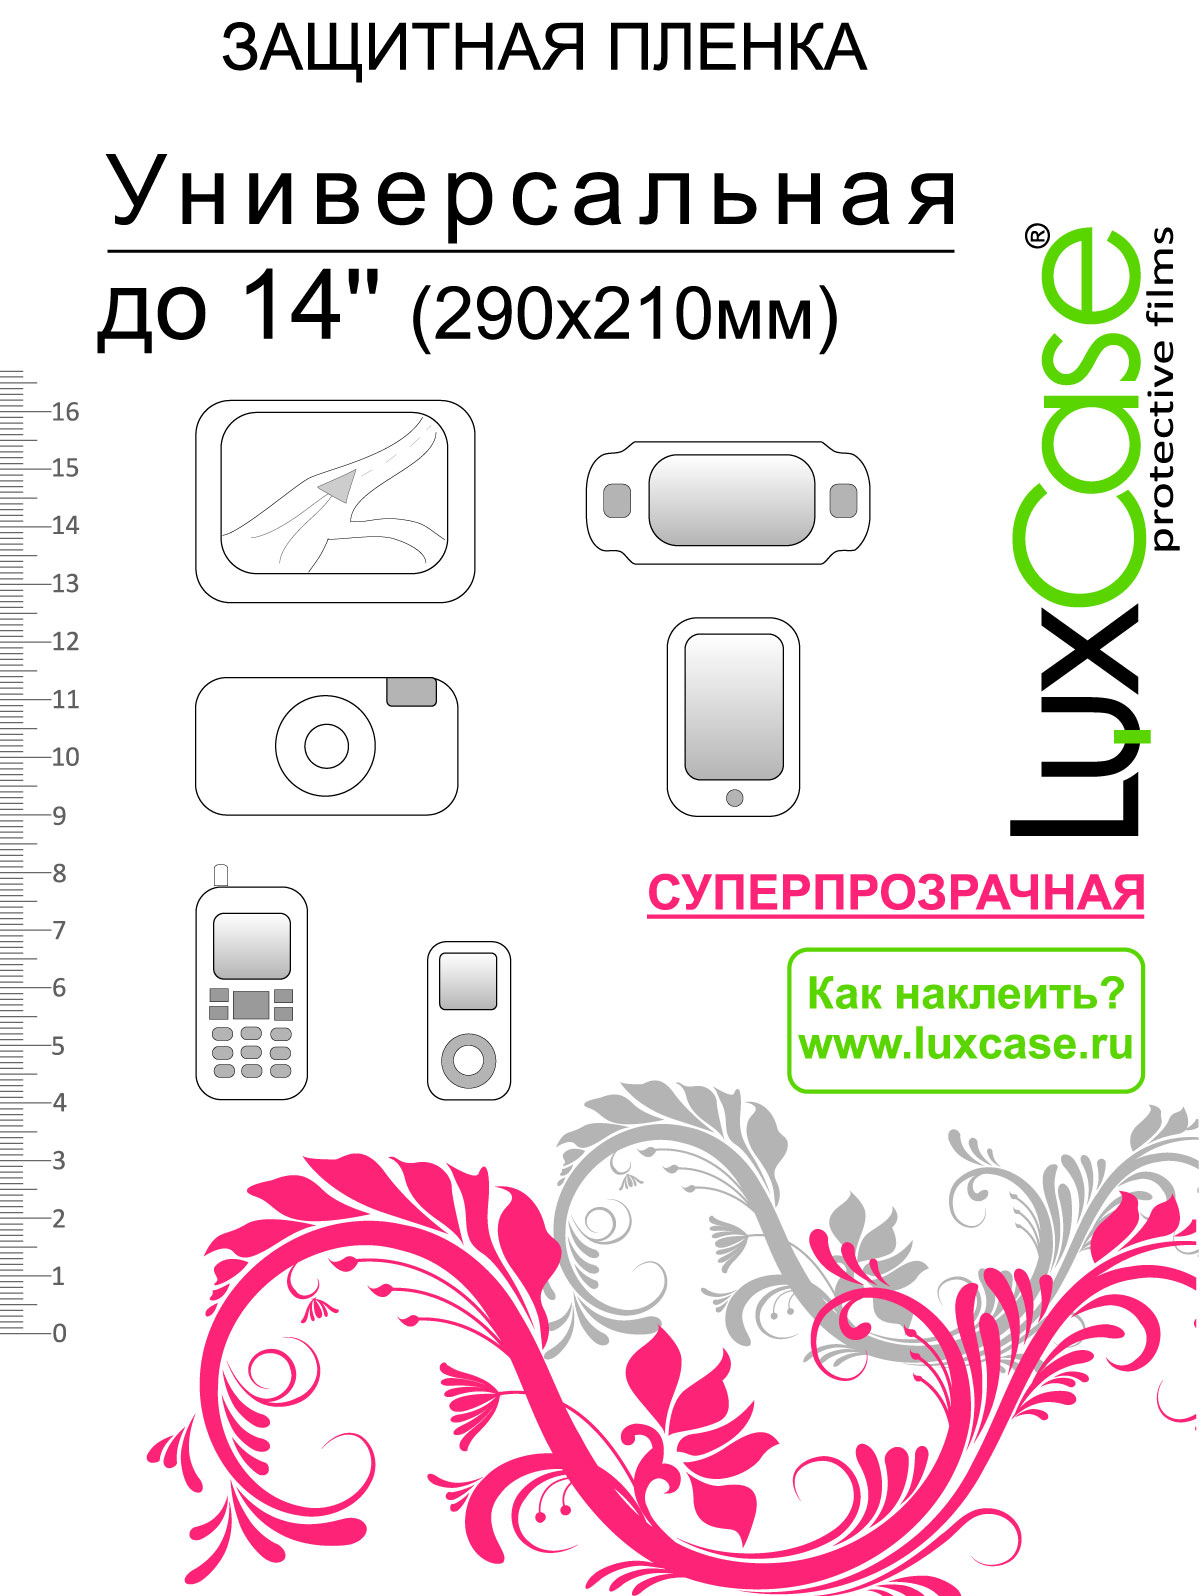 Luxcase универсальная защитная пленка для экрана 14 (290x210 мм), суперпрозрачная80130Защитная пленка для экрана - это универсальная защитная пленка, предохраняющая дисплей Вашего электронного устройства от возможных повреждений. Размеры пленки совместимы со всеми экранами диагональю до 14.Выбирая защитные пленки LuxCase - Вы продлеваете жизнь сенсорному экрану приобретенного вами мобильного устройства. Защитные пленки LuxCase удобны в использовании и имеют антибликовое покрытие. Благодаря использованию высококачественного японского материала пленка легко наклеивается, плотно прилегает, имеет высокую прозрачность и устойчивость к механическим воздействиям. Потребительские свойства и эргономика сенсорного экрана при этом не ухудшаются. Защитные пленки LuxCase не искажают изображение, приклеиваются легко и ровно.